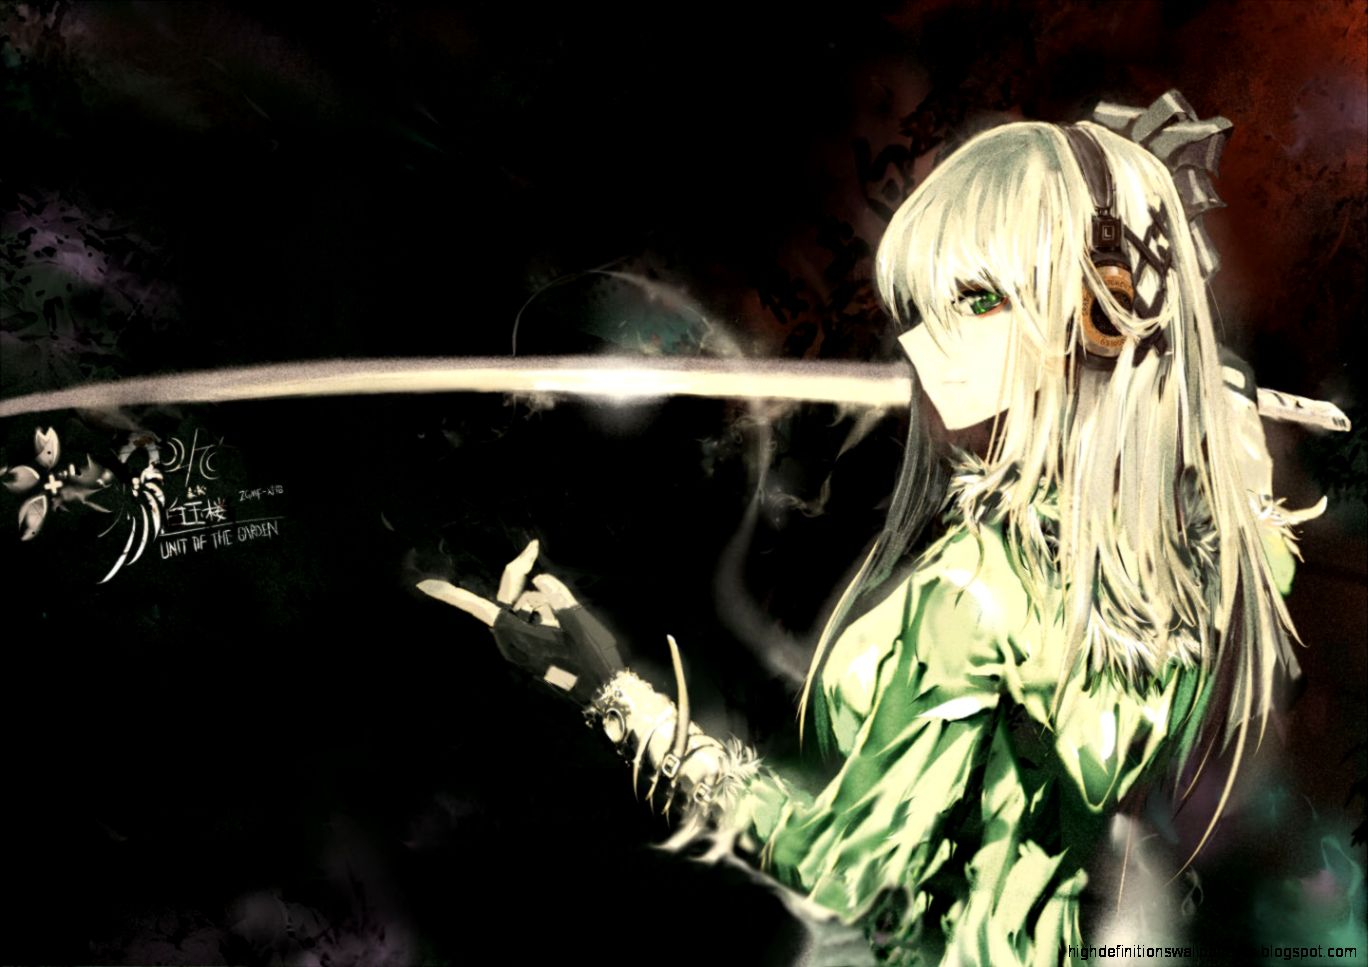 Sword Katana Anime Girl - HD Wallpaper